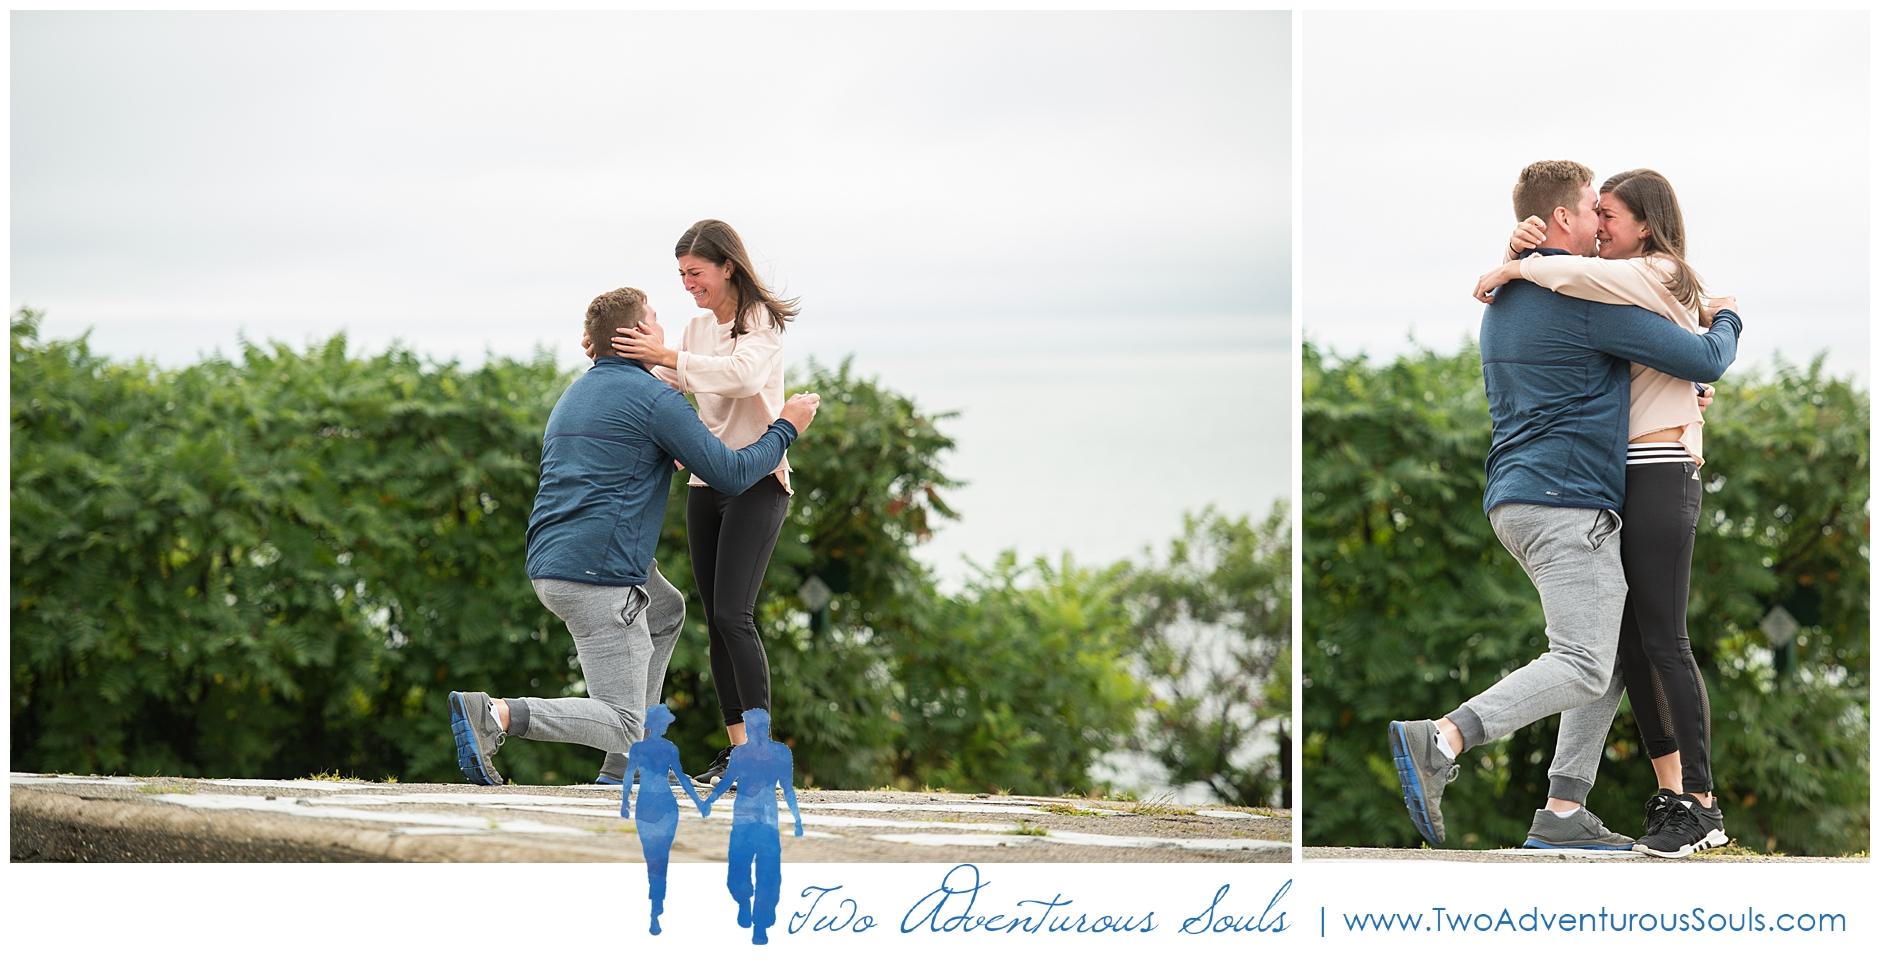 Maine Wedding Photographers, Surprise Proposal Photographers, Maine Elopement Photographers, Two Adventurous Souls-blogcontent_0001.jpg